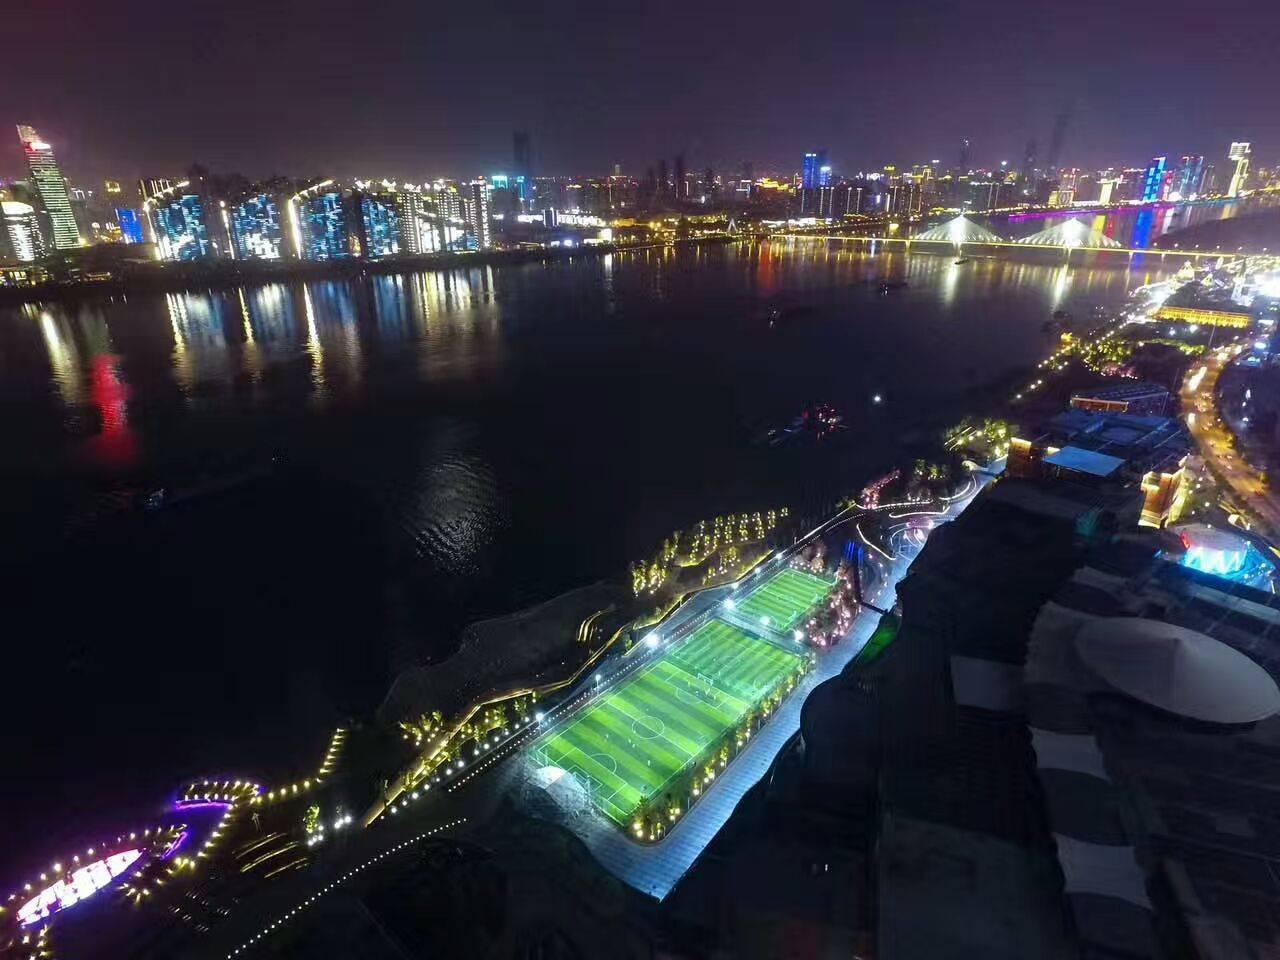 長沙沿江風光帶足球場燈光